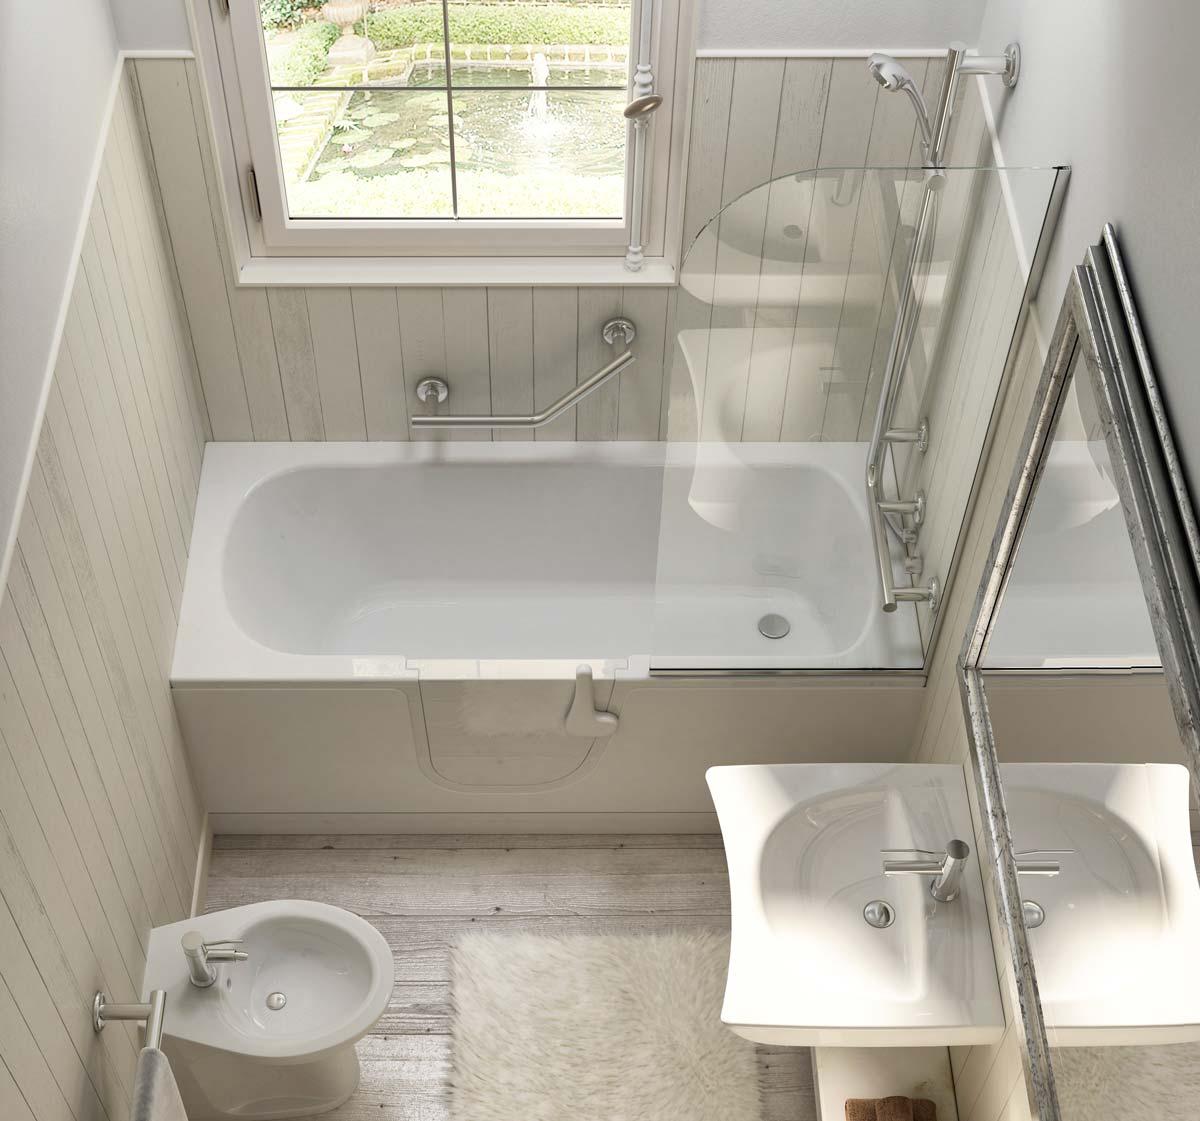 Puertas De Baño Para Discapacitados:Bathtub with Door for Elderly